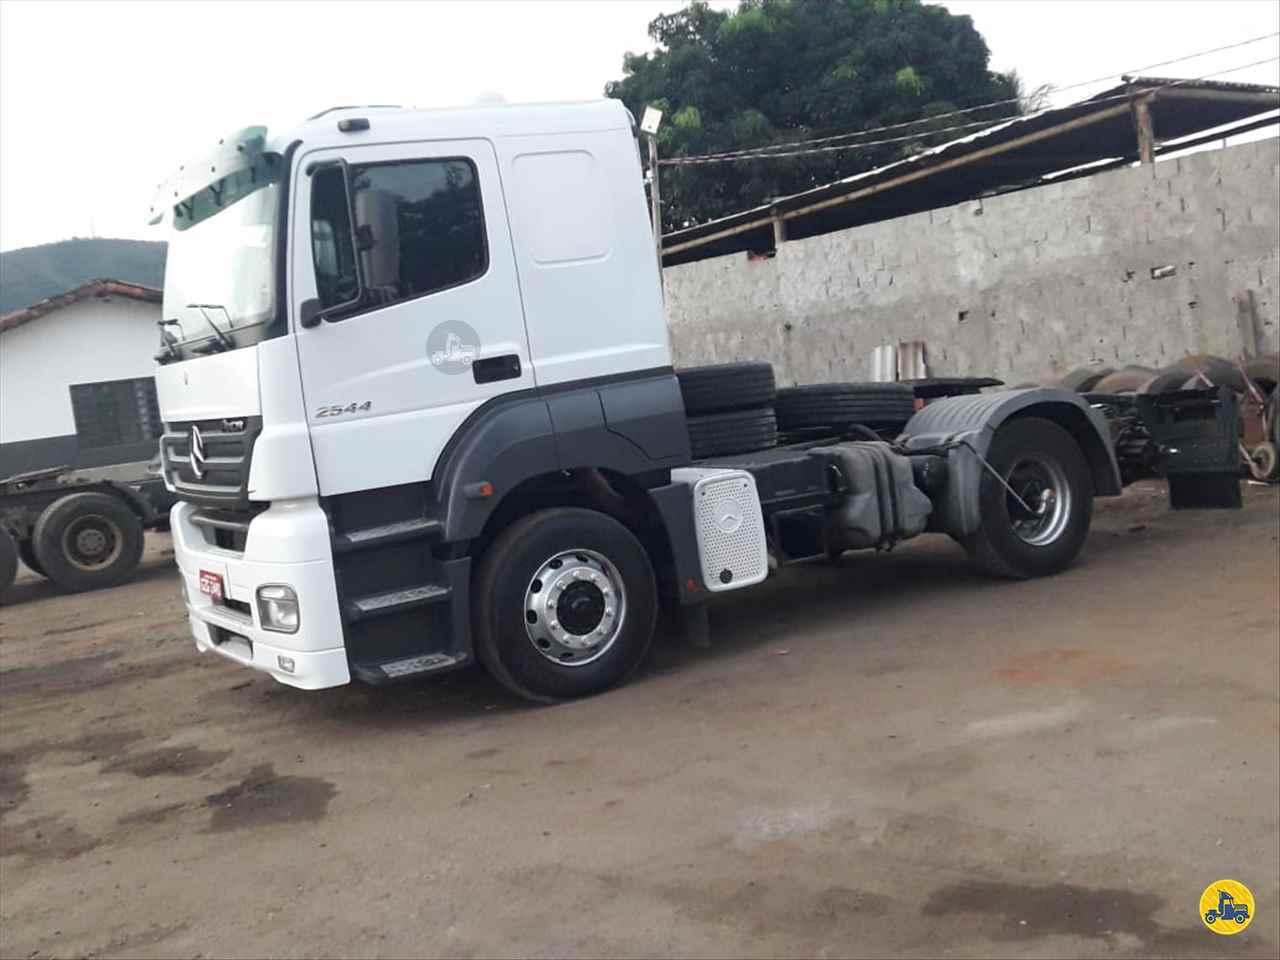 CAMINHAO MERCEDES-BENZ MB 2544 Cavalo Mecânico Truck 6x2 Caminhões Certos CONTAGEM MINAS GERAIS MG